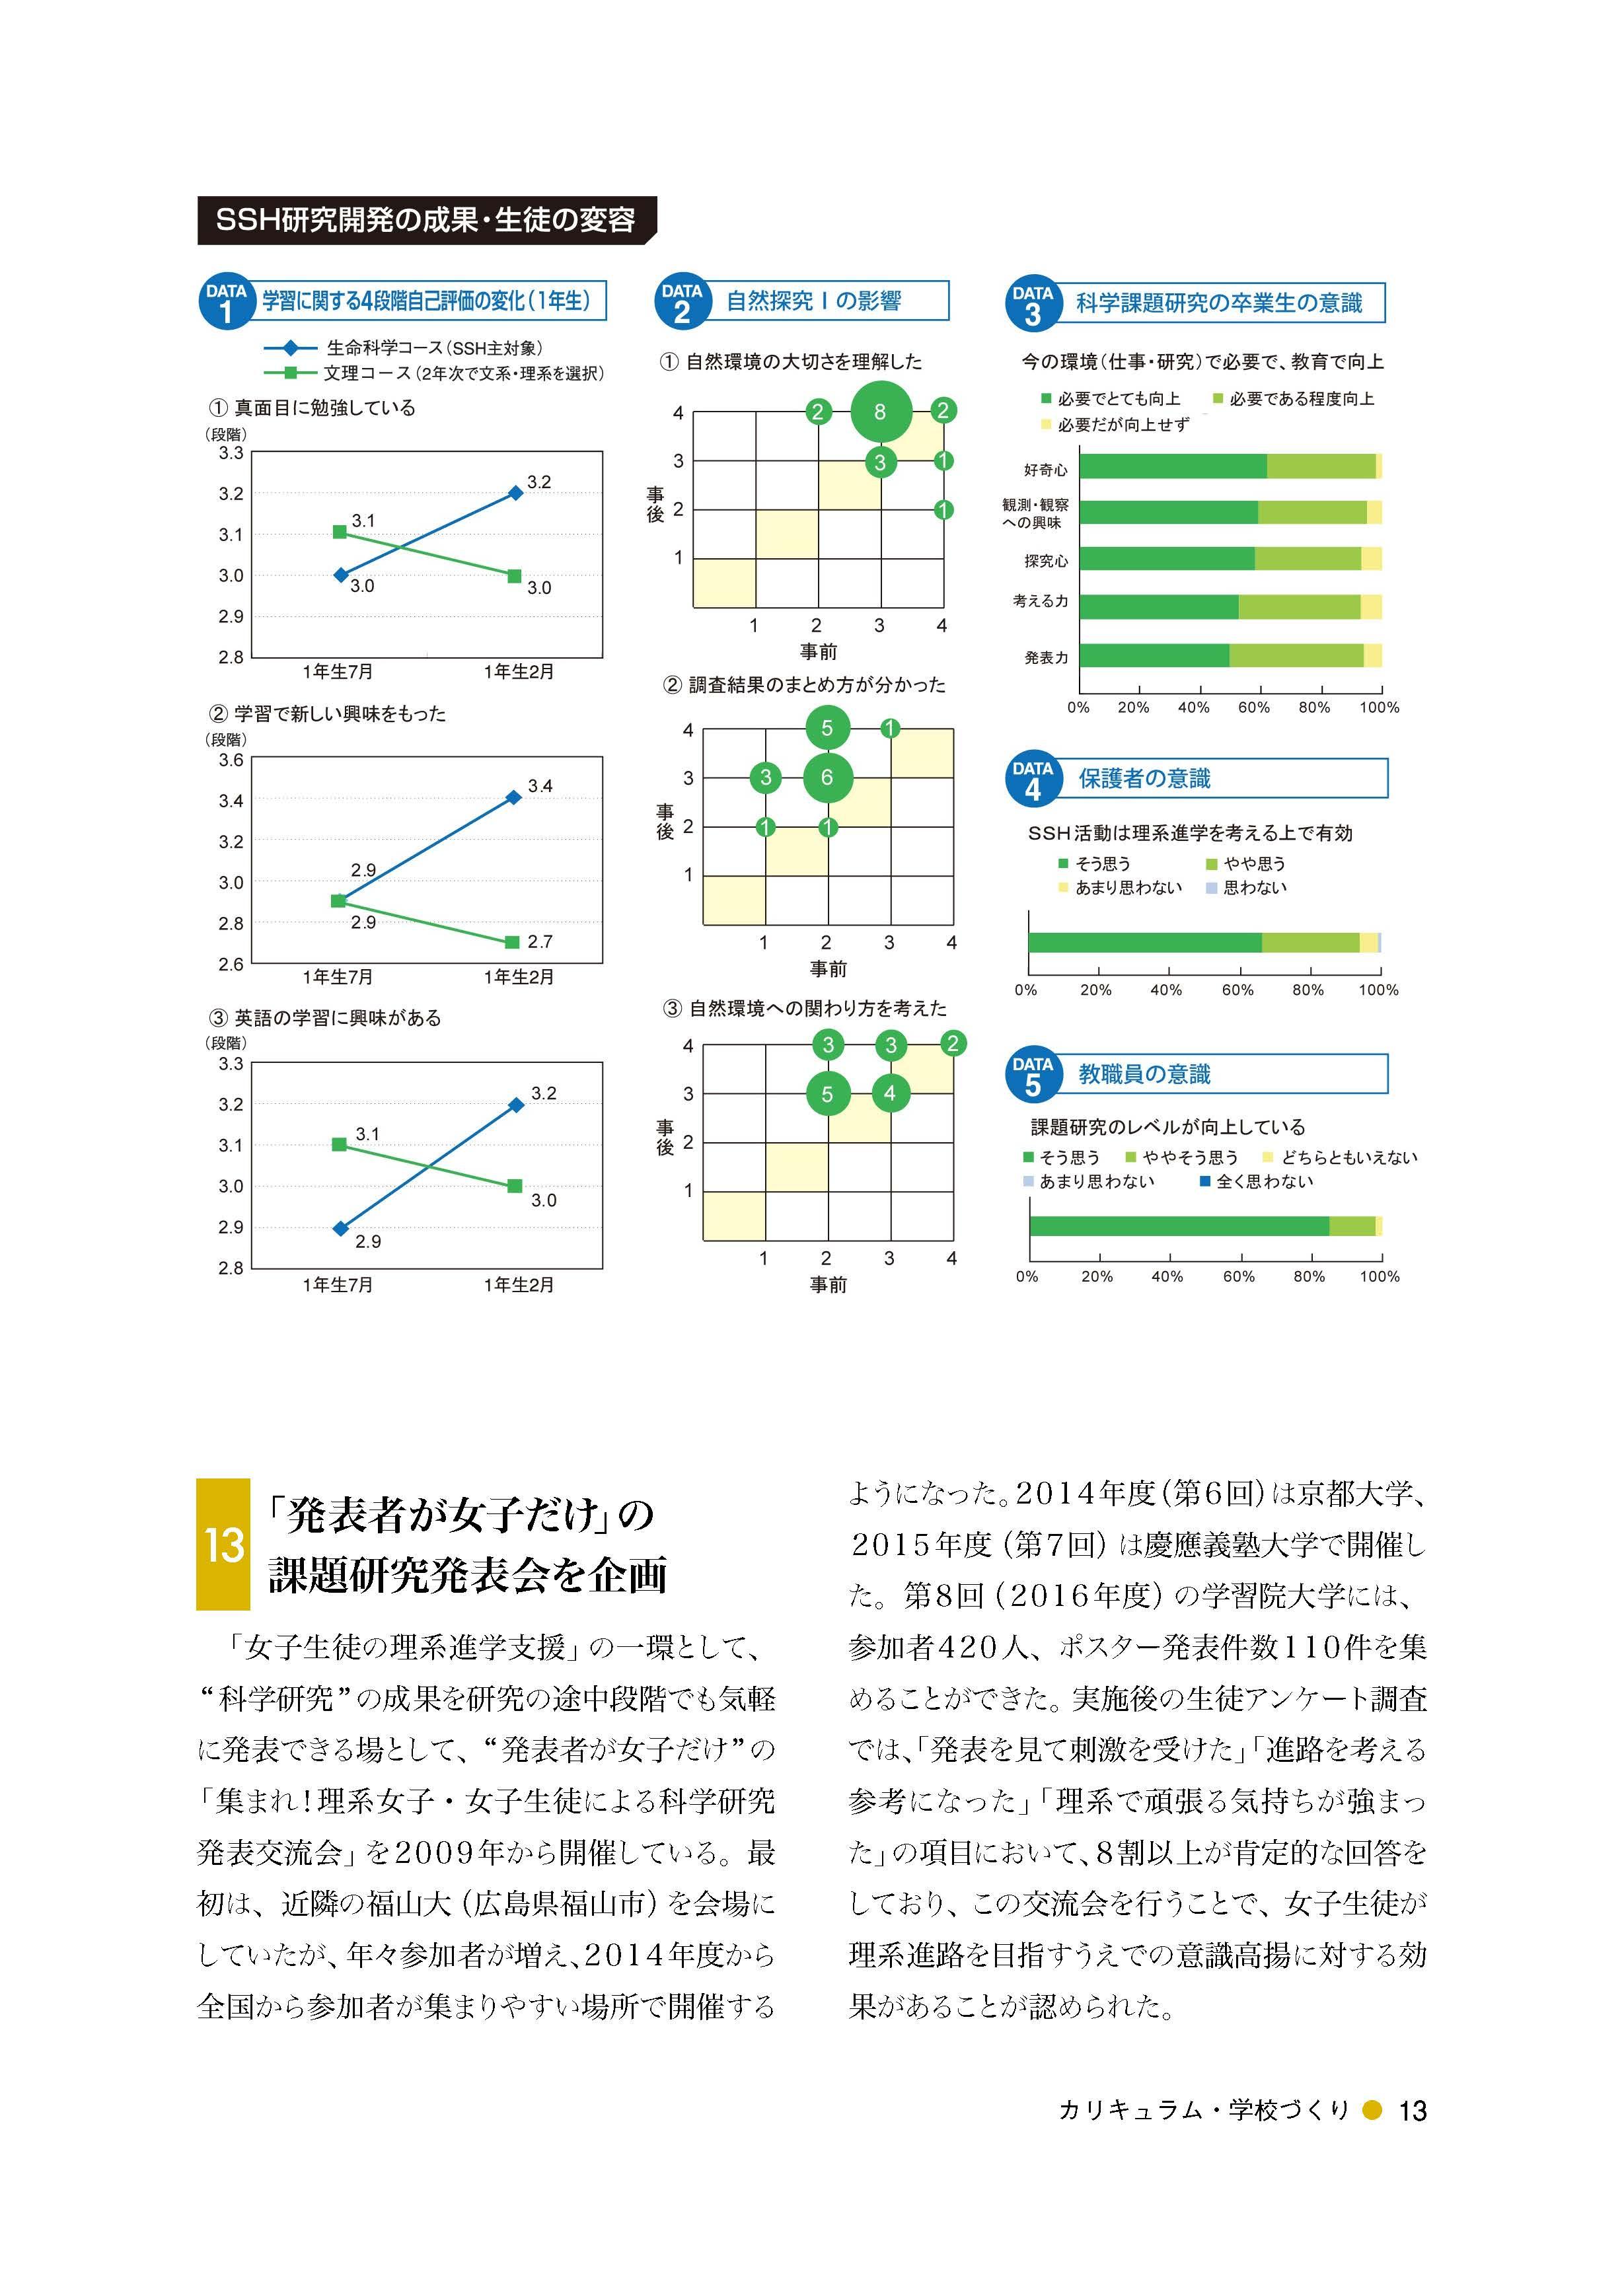 論文「科学課題研究」を中心に据えた女子の理系進学支援教育プログラムの開発(12)教育プログラムの効果